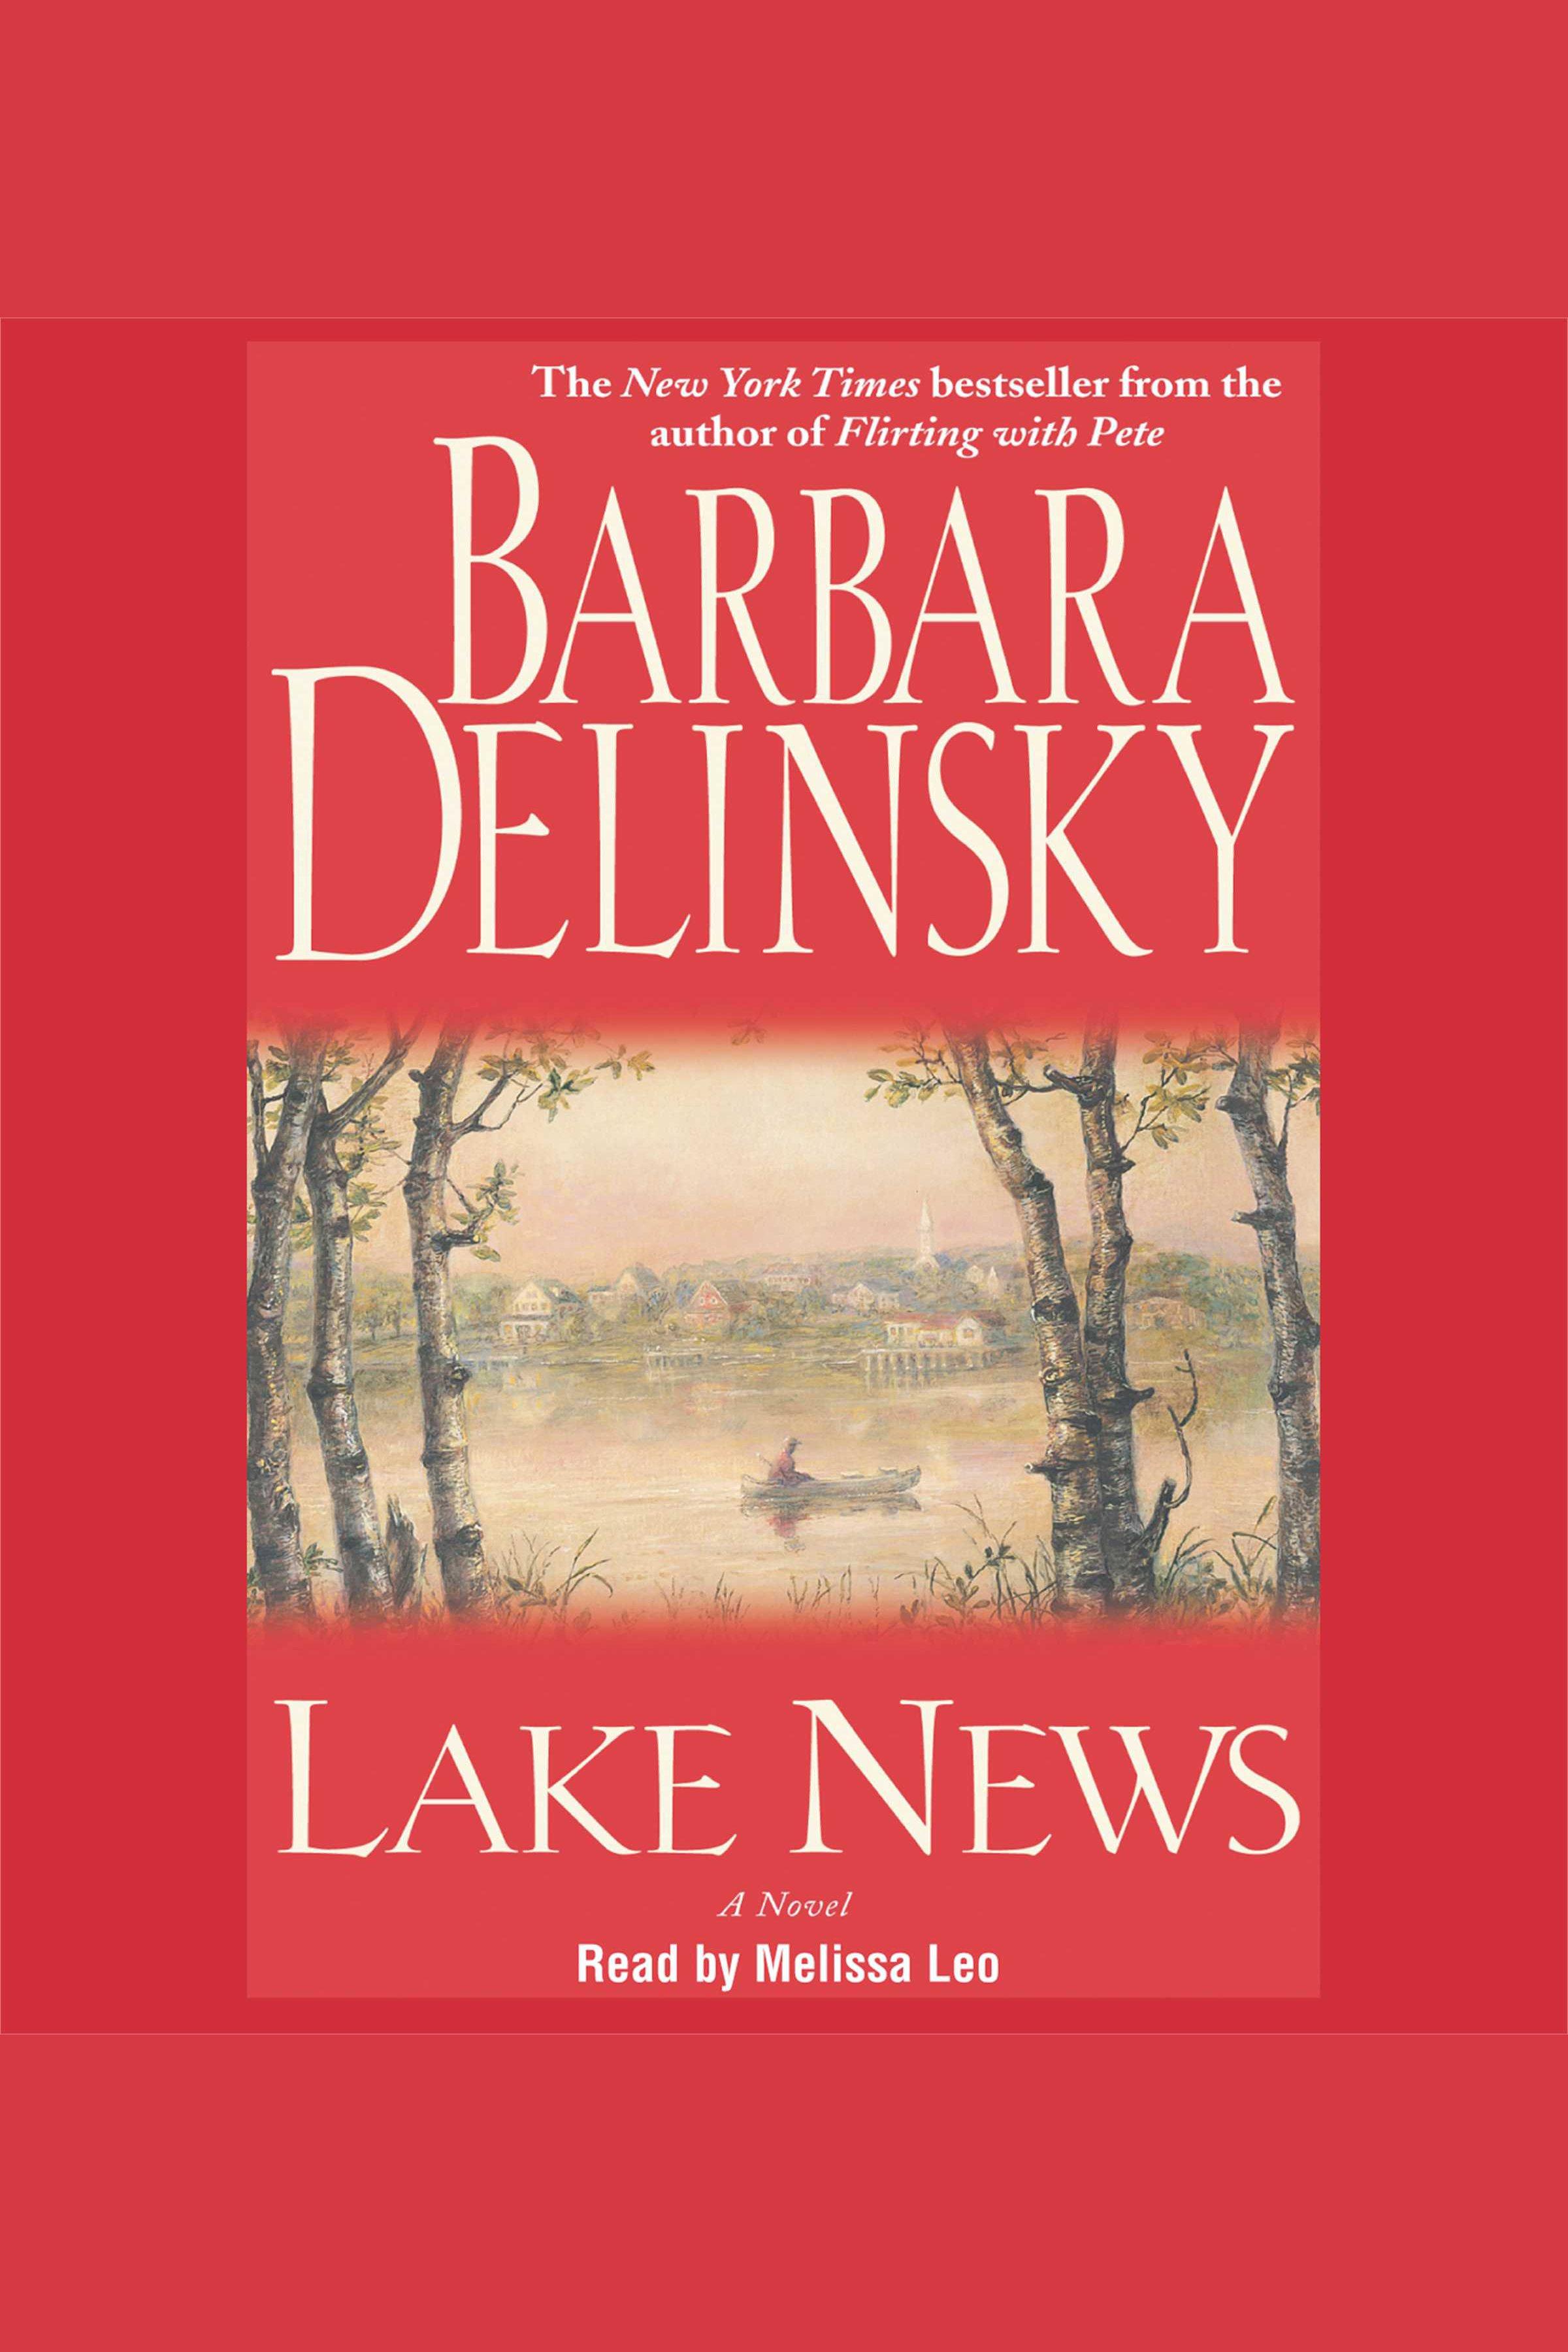 Lake News cover image